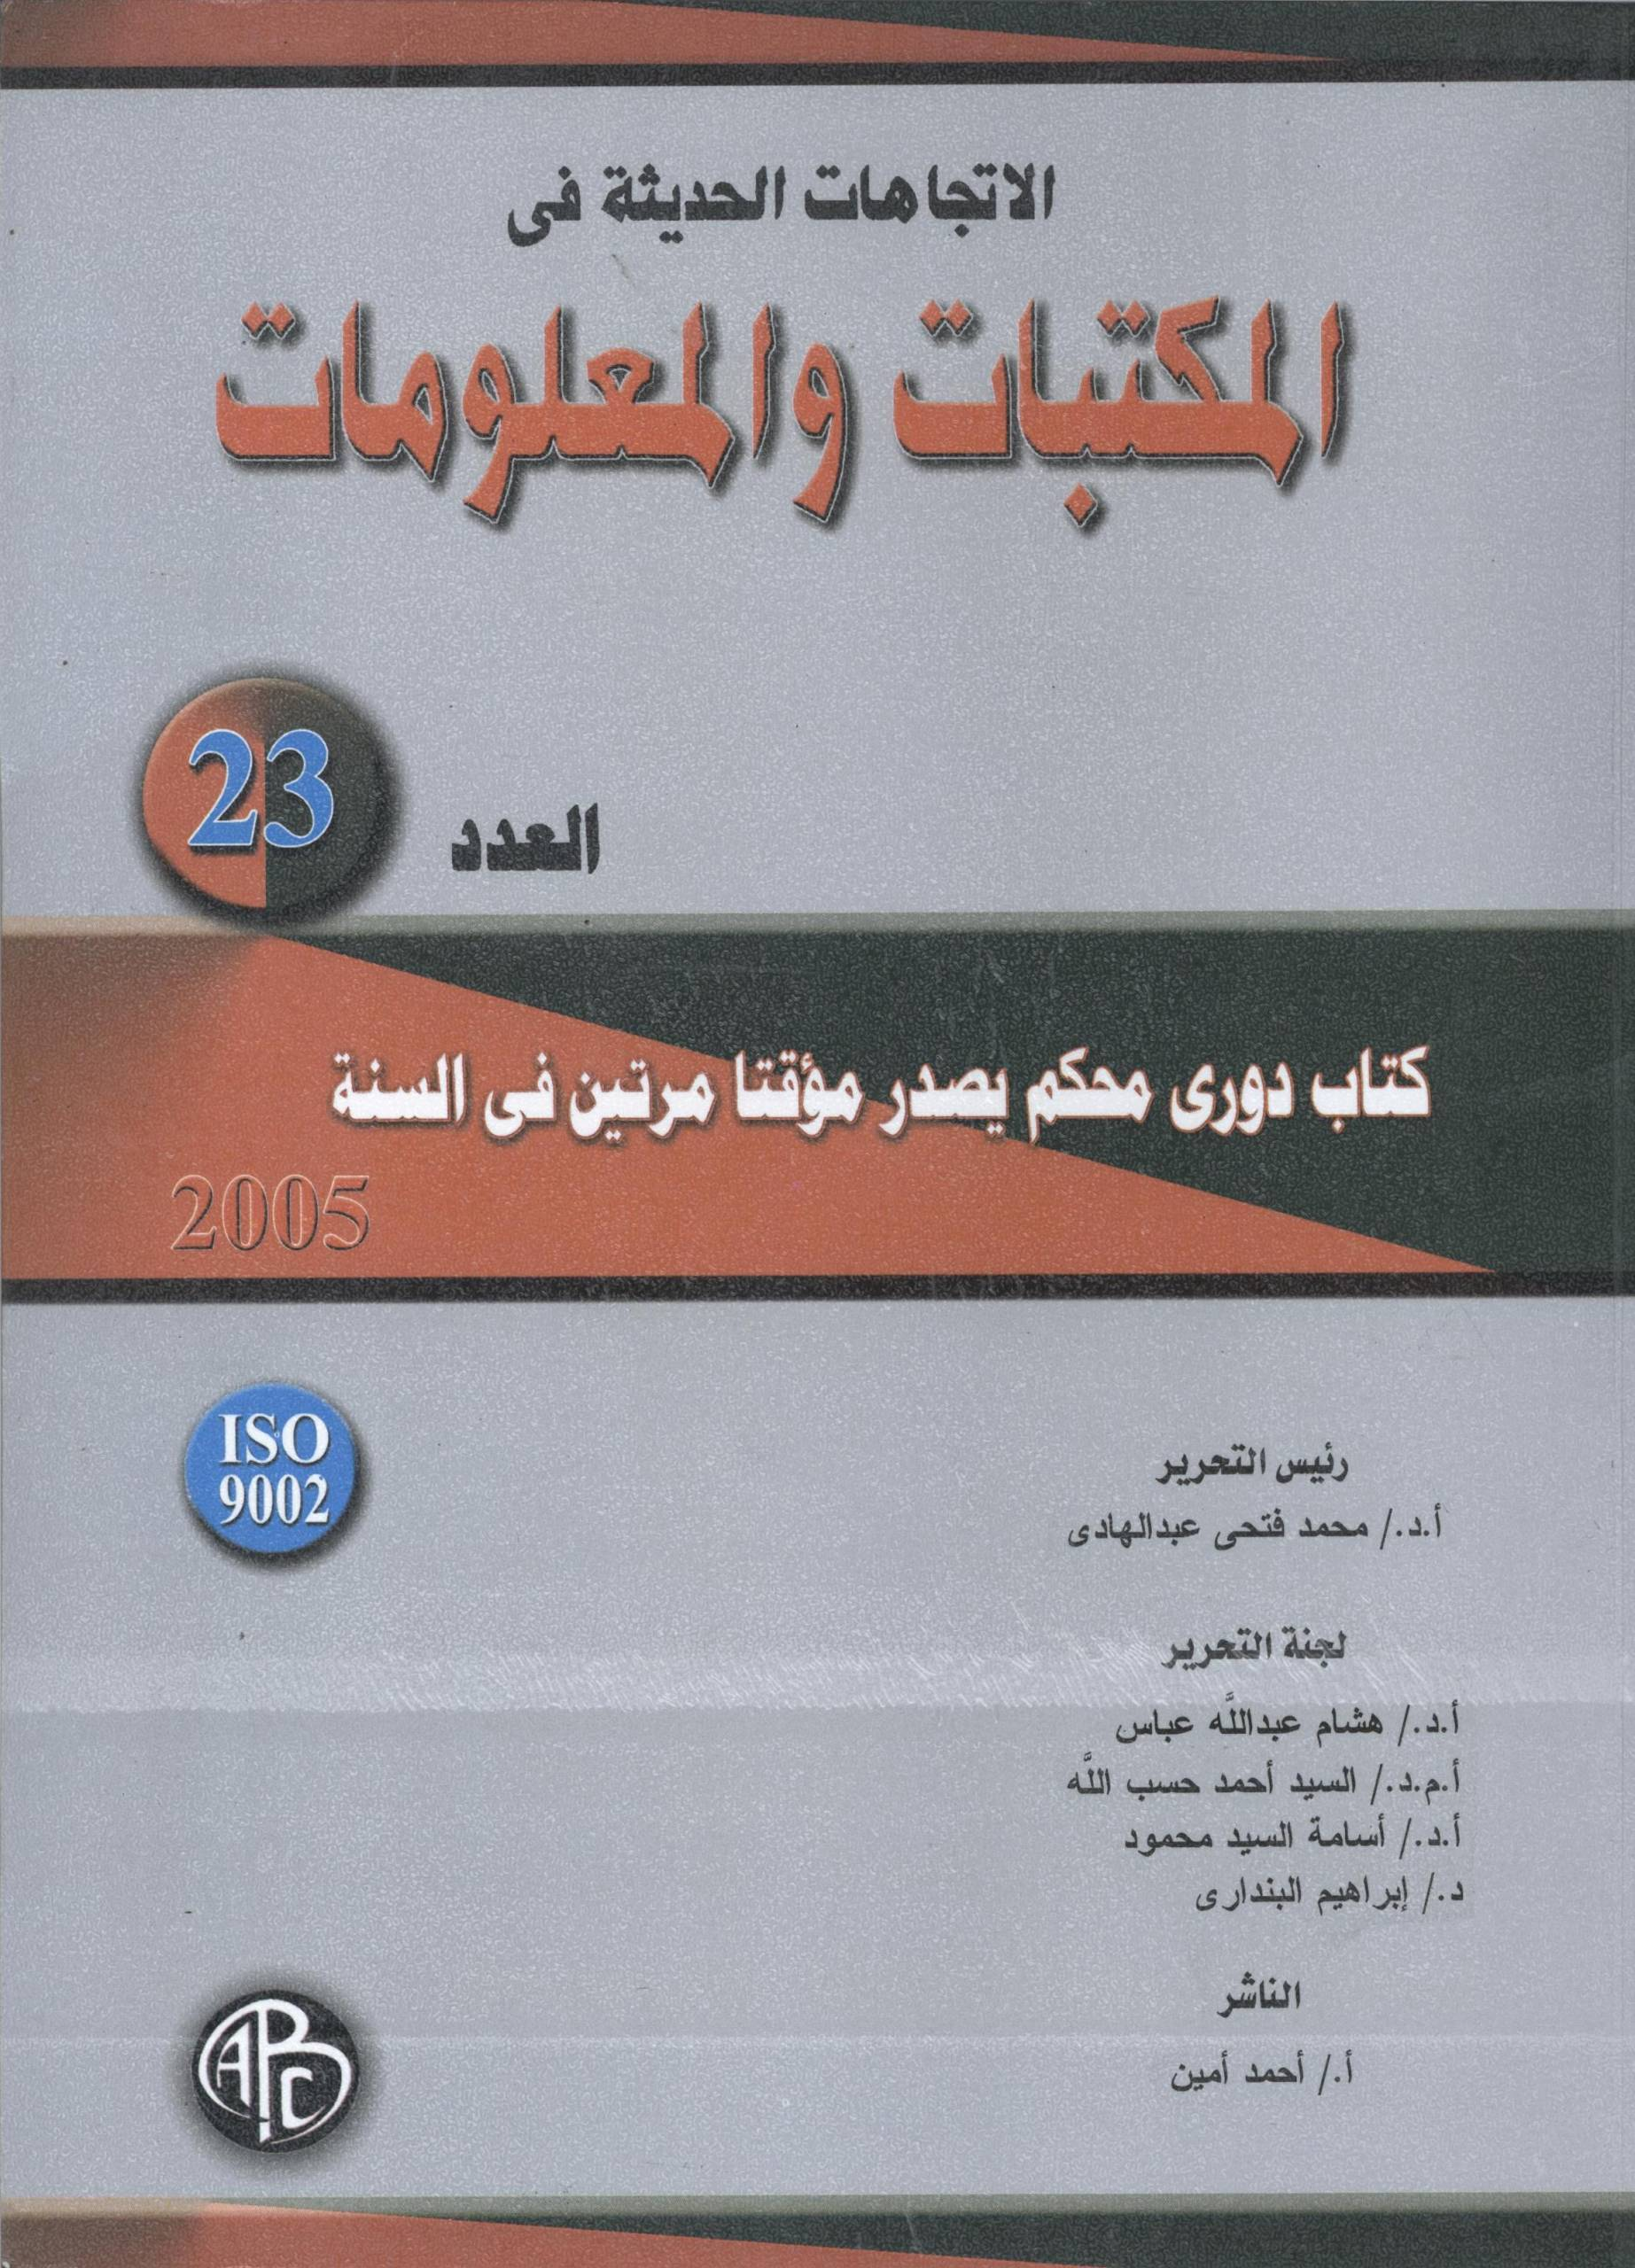 الاتجاهات الحديثة فى المكتبات و المعلومات- العدد الثالث و العشرون